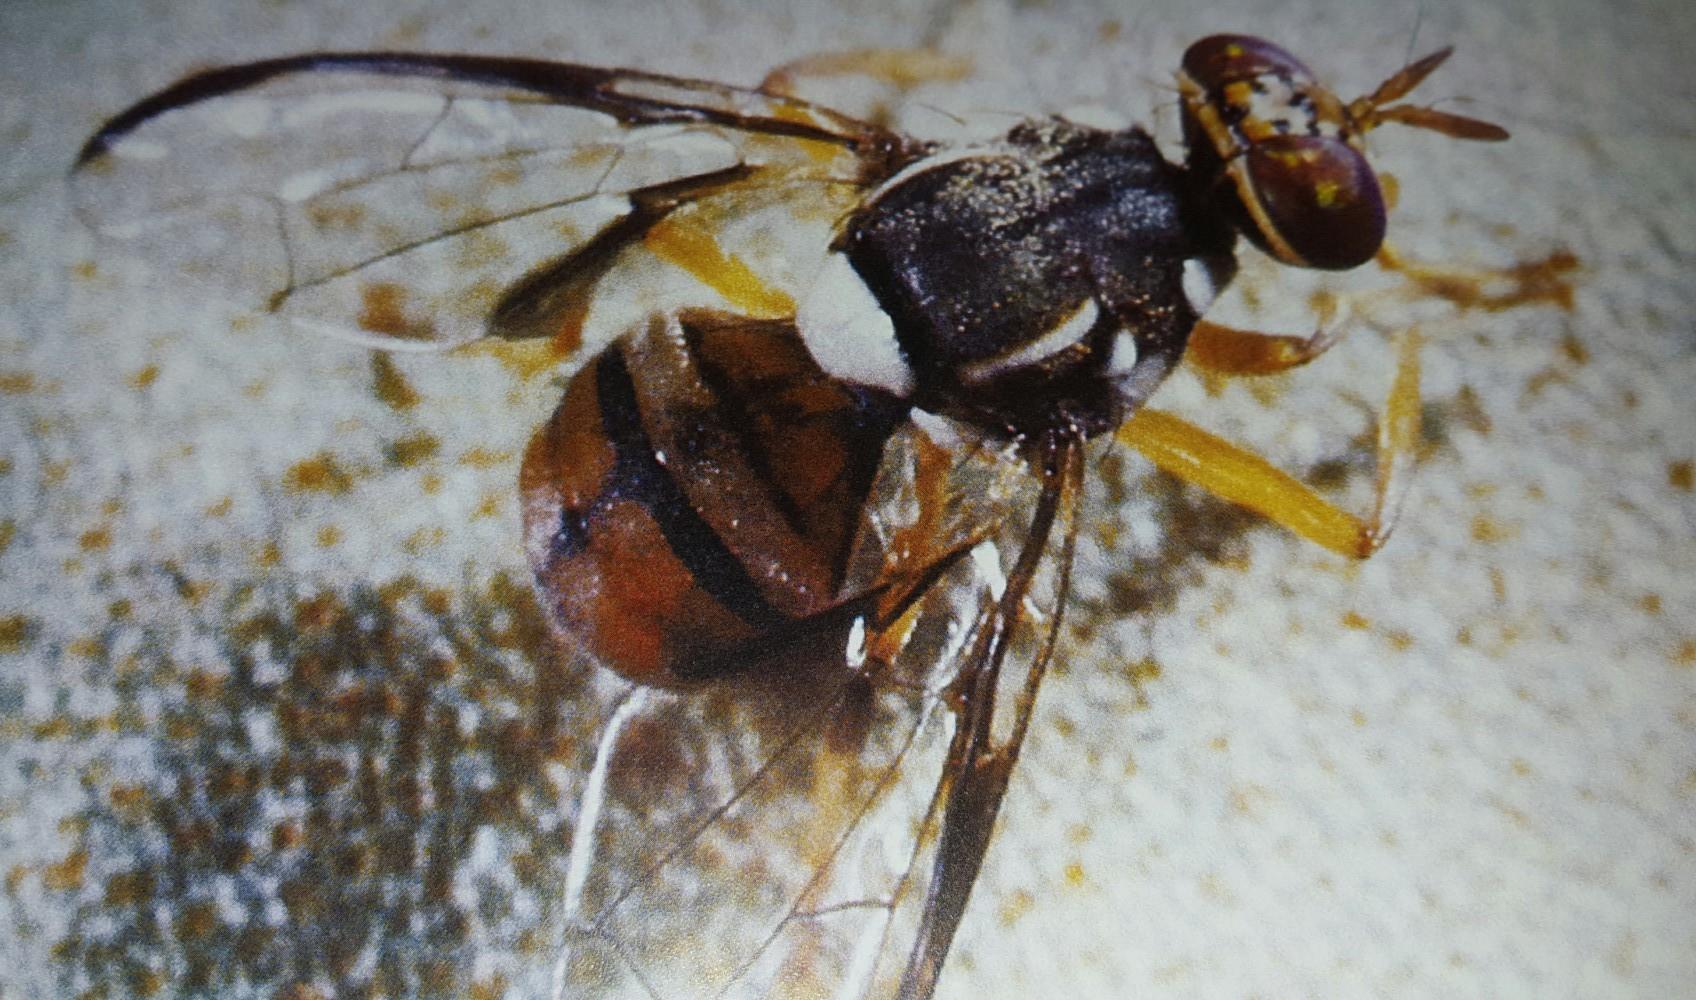 Commissioner Putnam on Oriental Fruit Fly Infestation